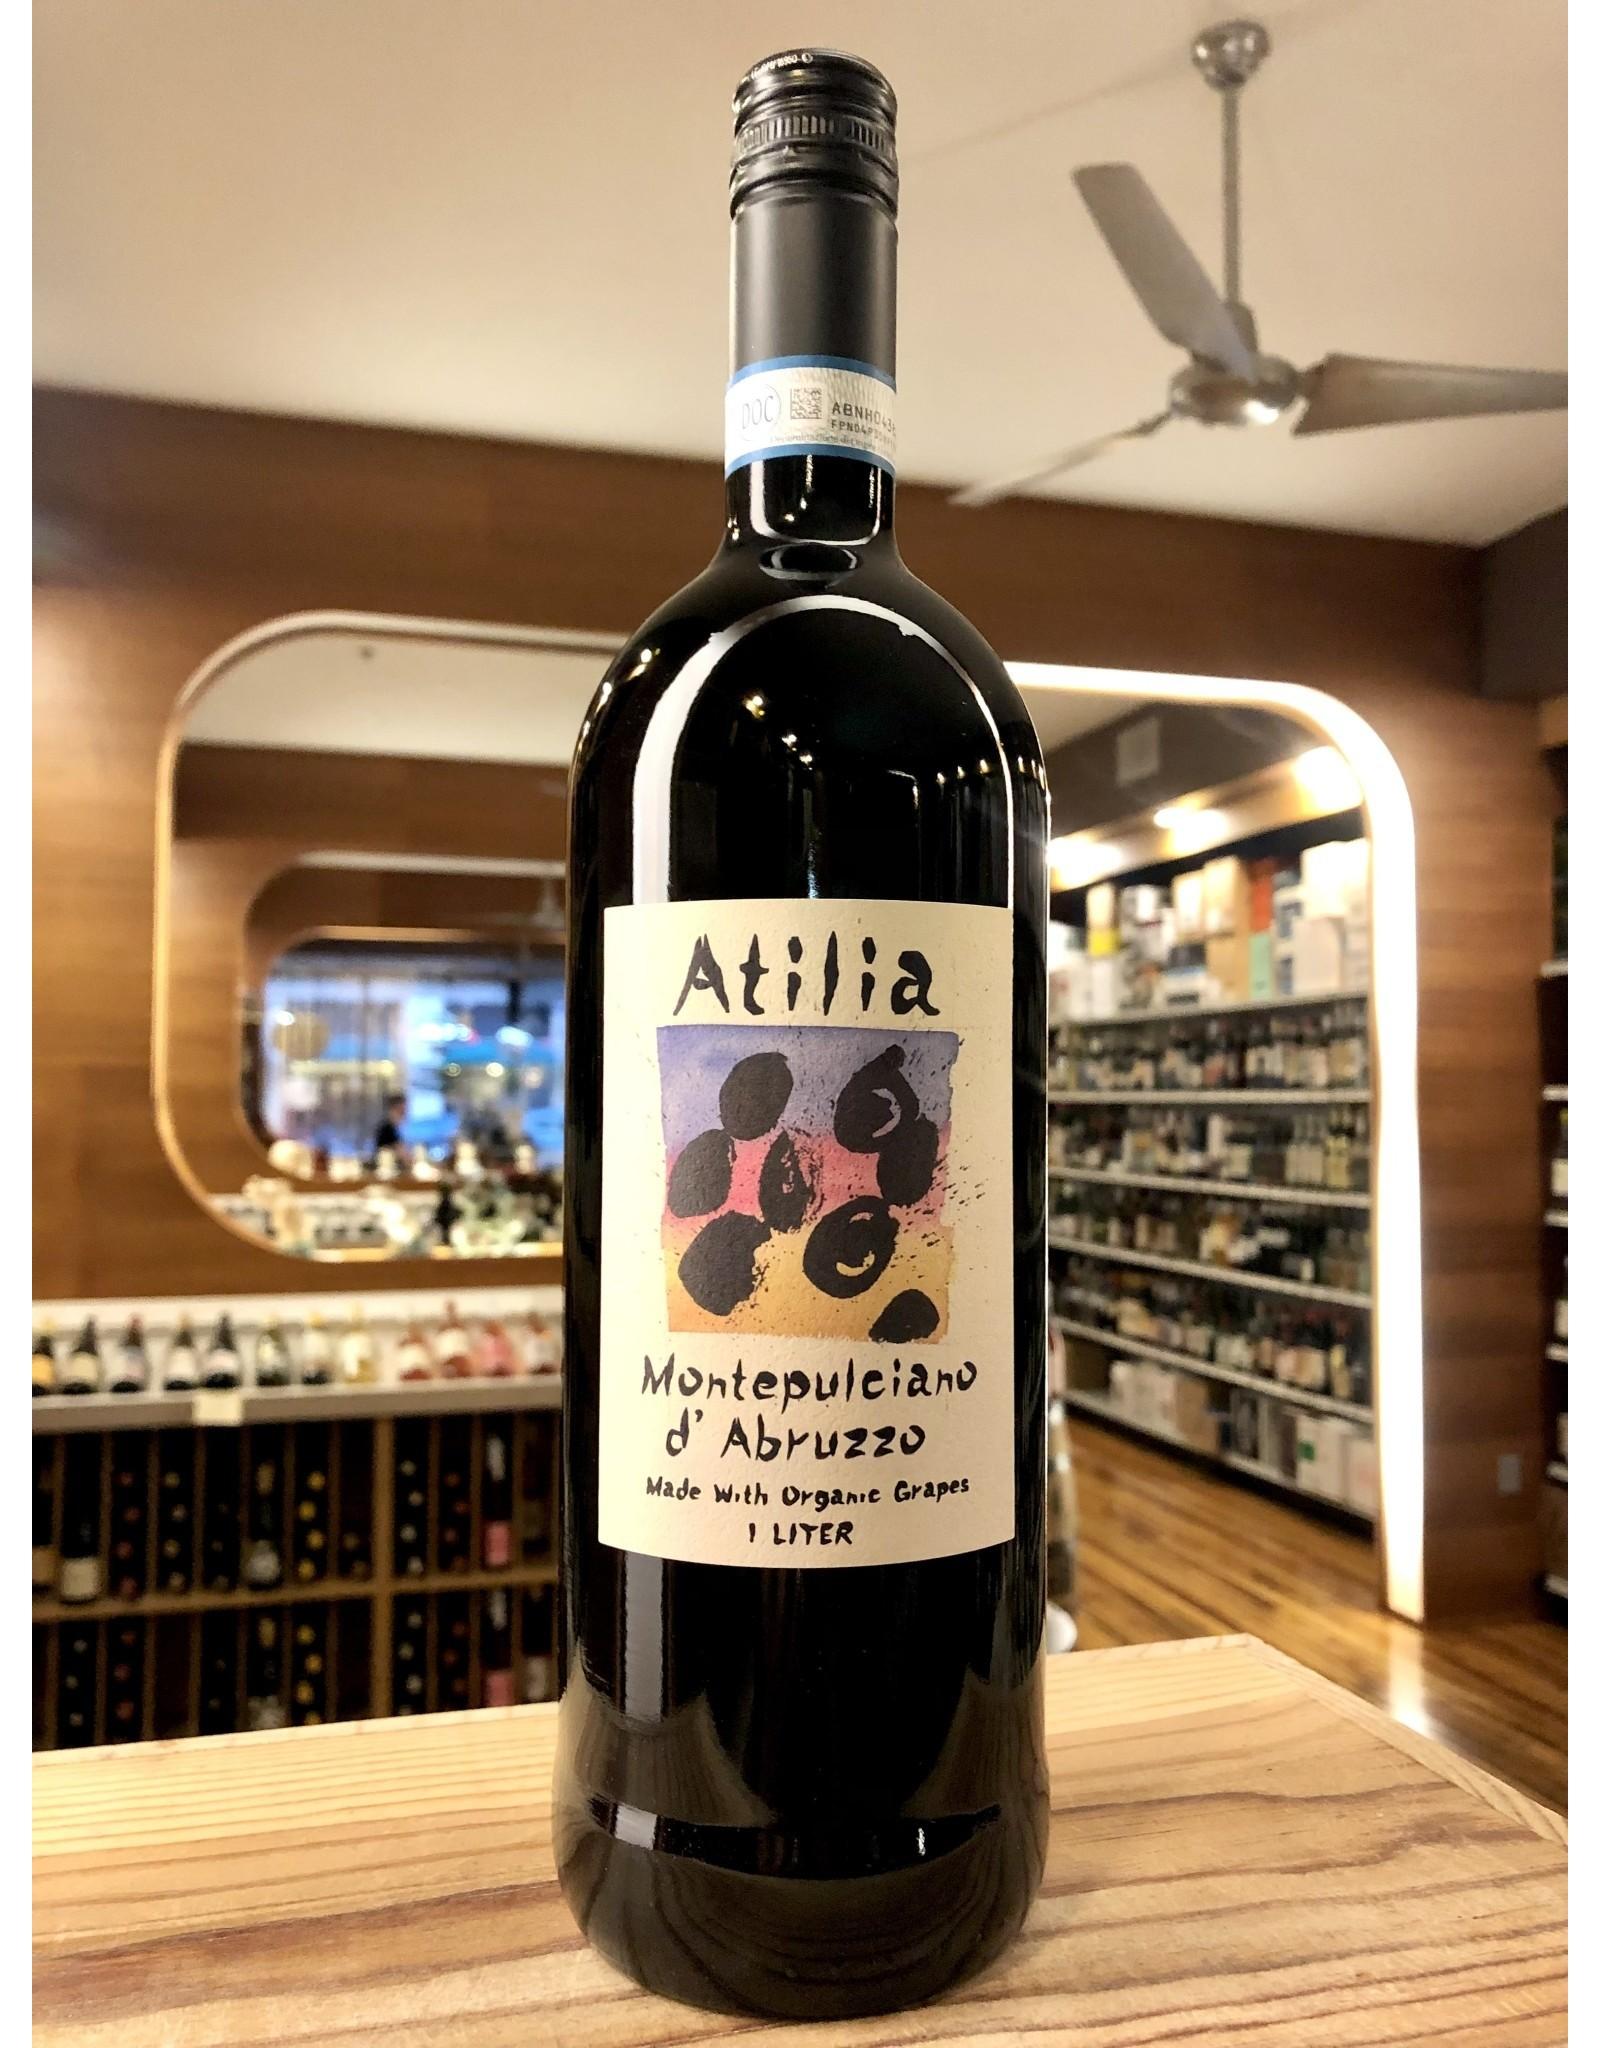 Atilia Montepulciano d'Abruzzo - 1 Liter